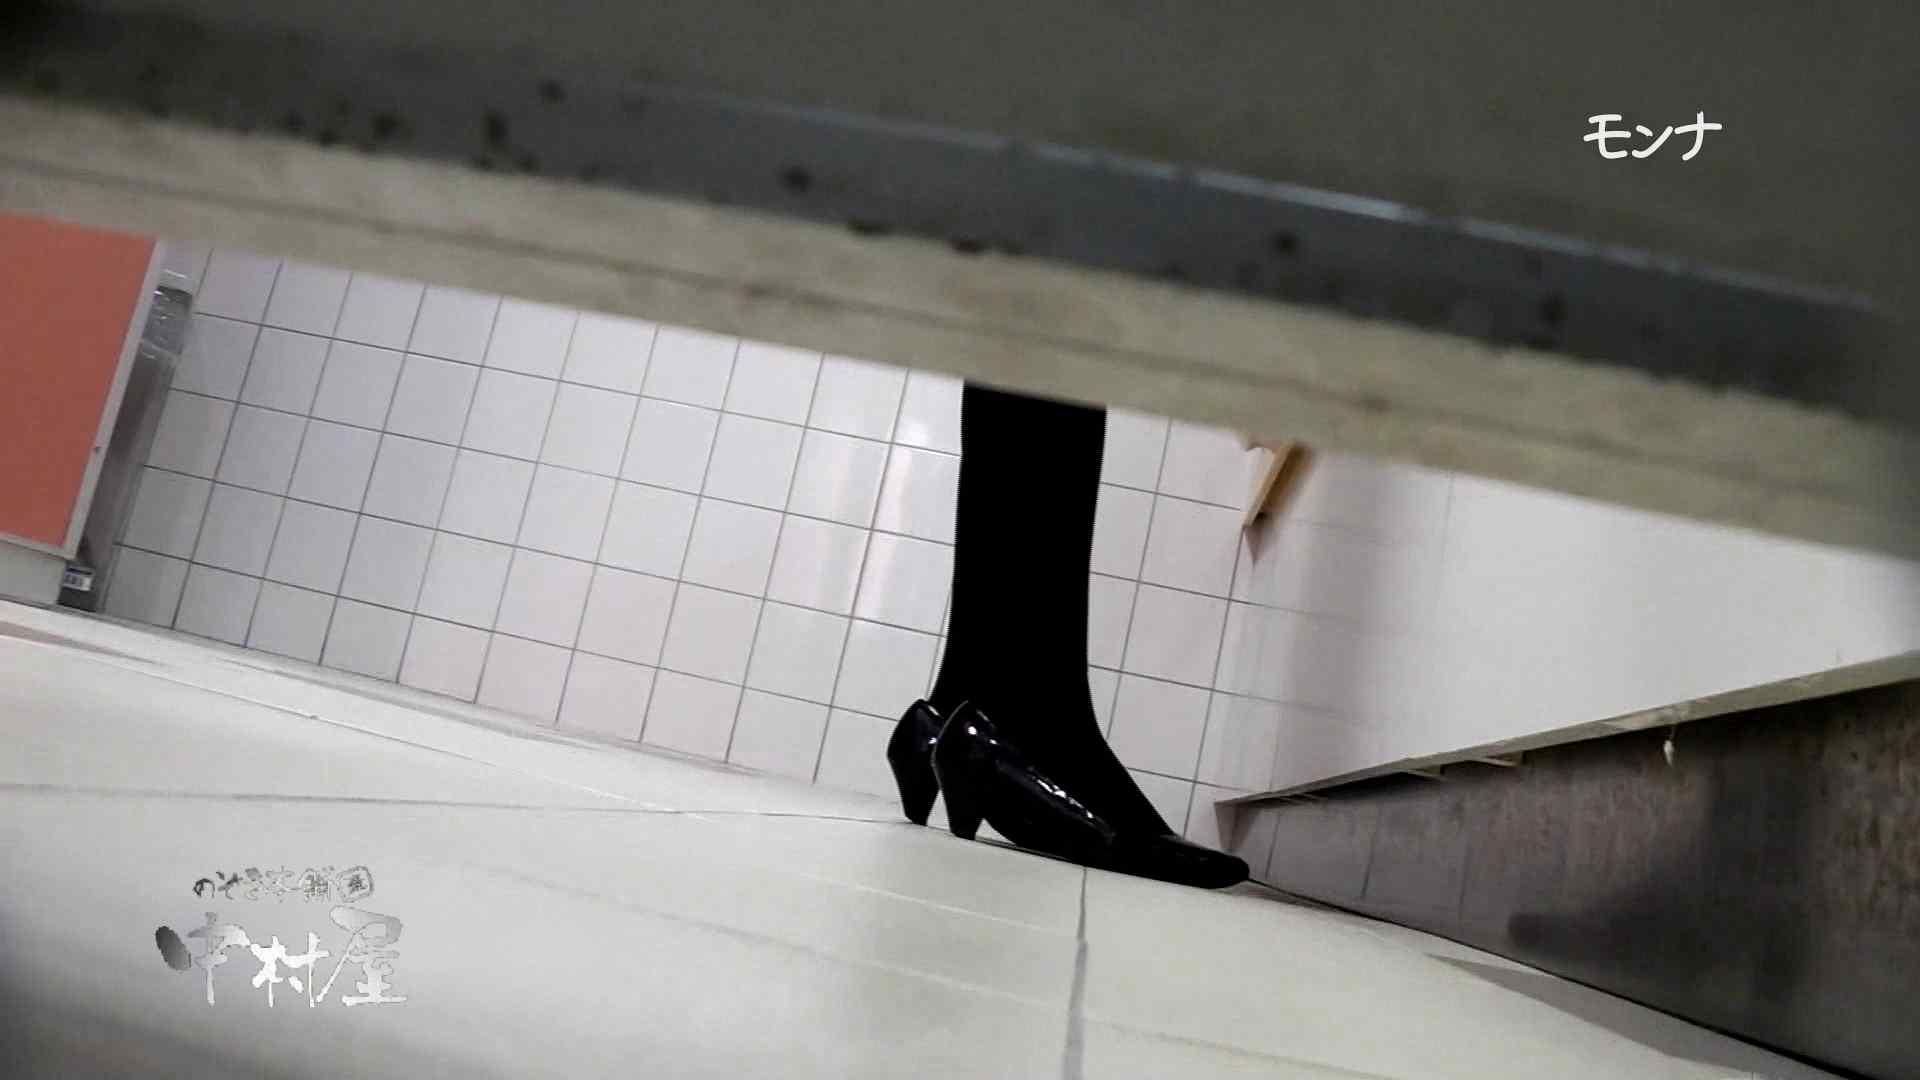 【美しい日本の未来】新学期!!下半身中心に攻めてます美女可愛い女子悪戯盗satuトイレ後編 トイレ われめAV動画紹介 100PIX 22